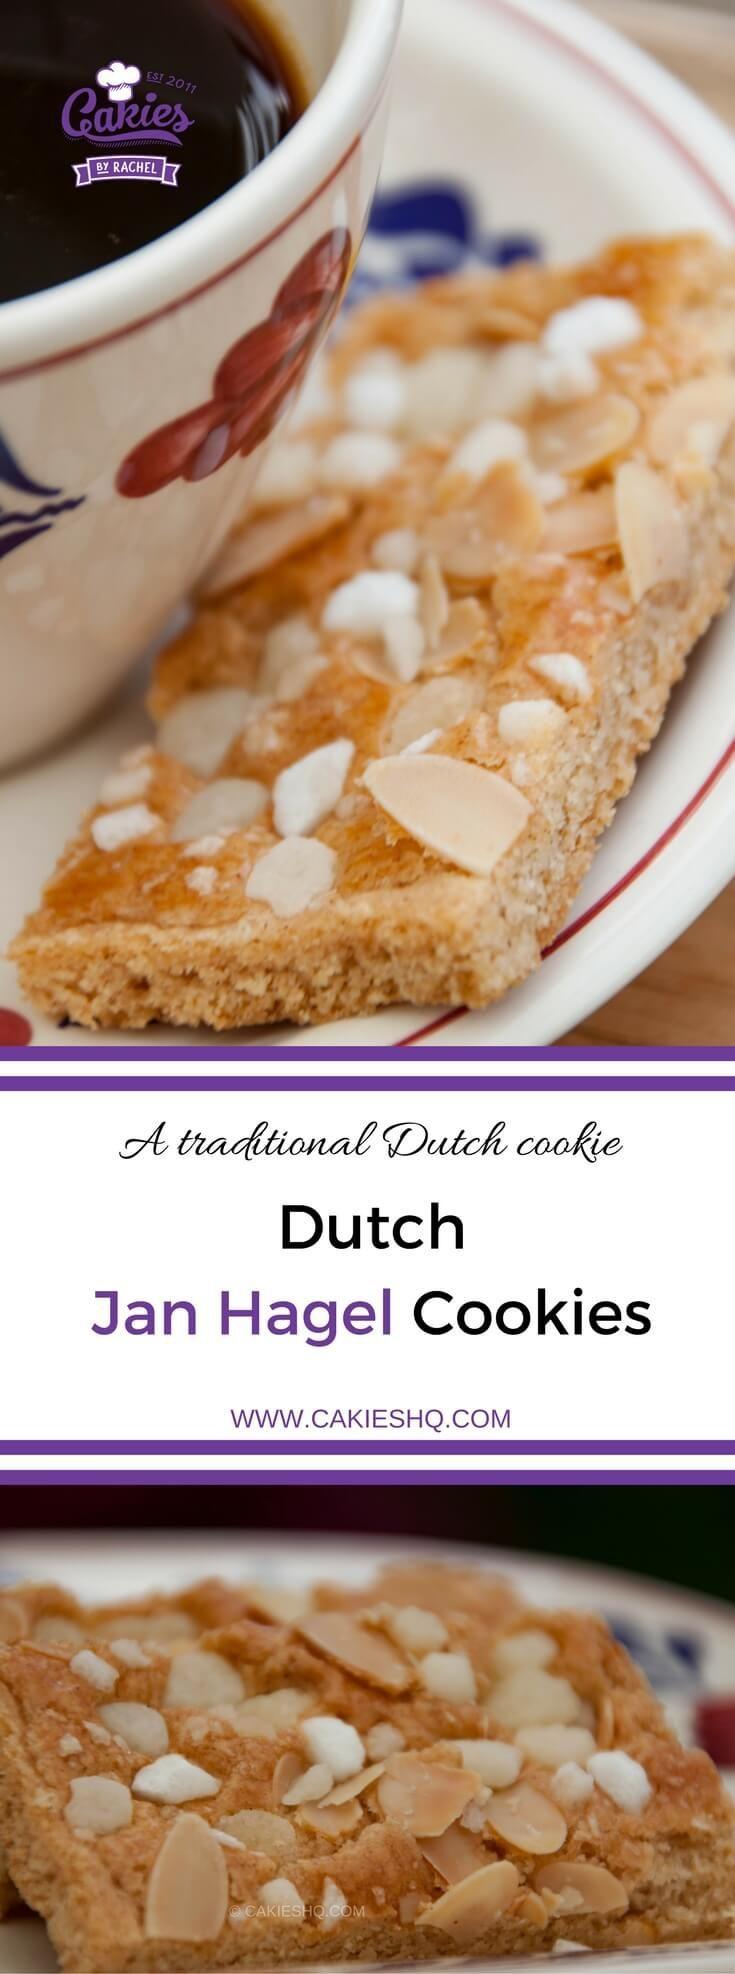 Jan Hagel Cookies Dutch Cinnamon And Almond Cookies Resep Makanan Kue Kering Resep Kue